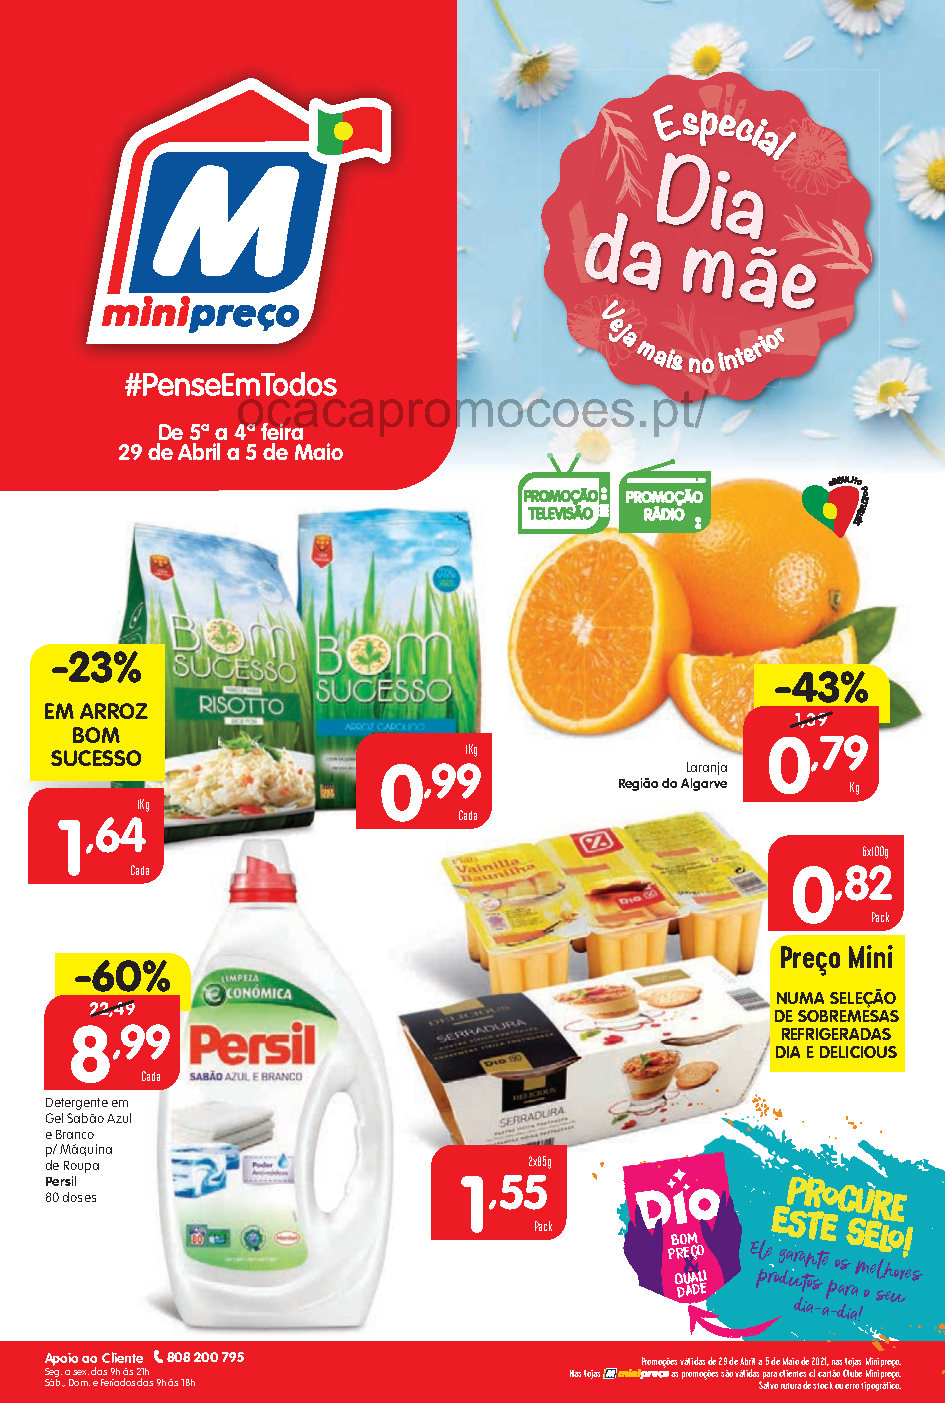 folheto minipreco 29 abril promocoes Page1